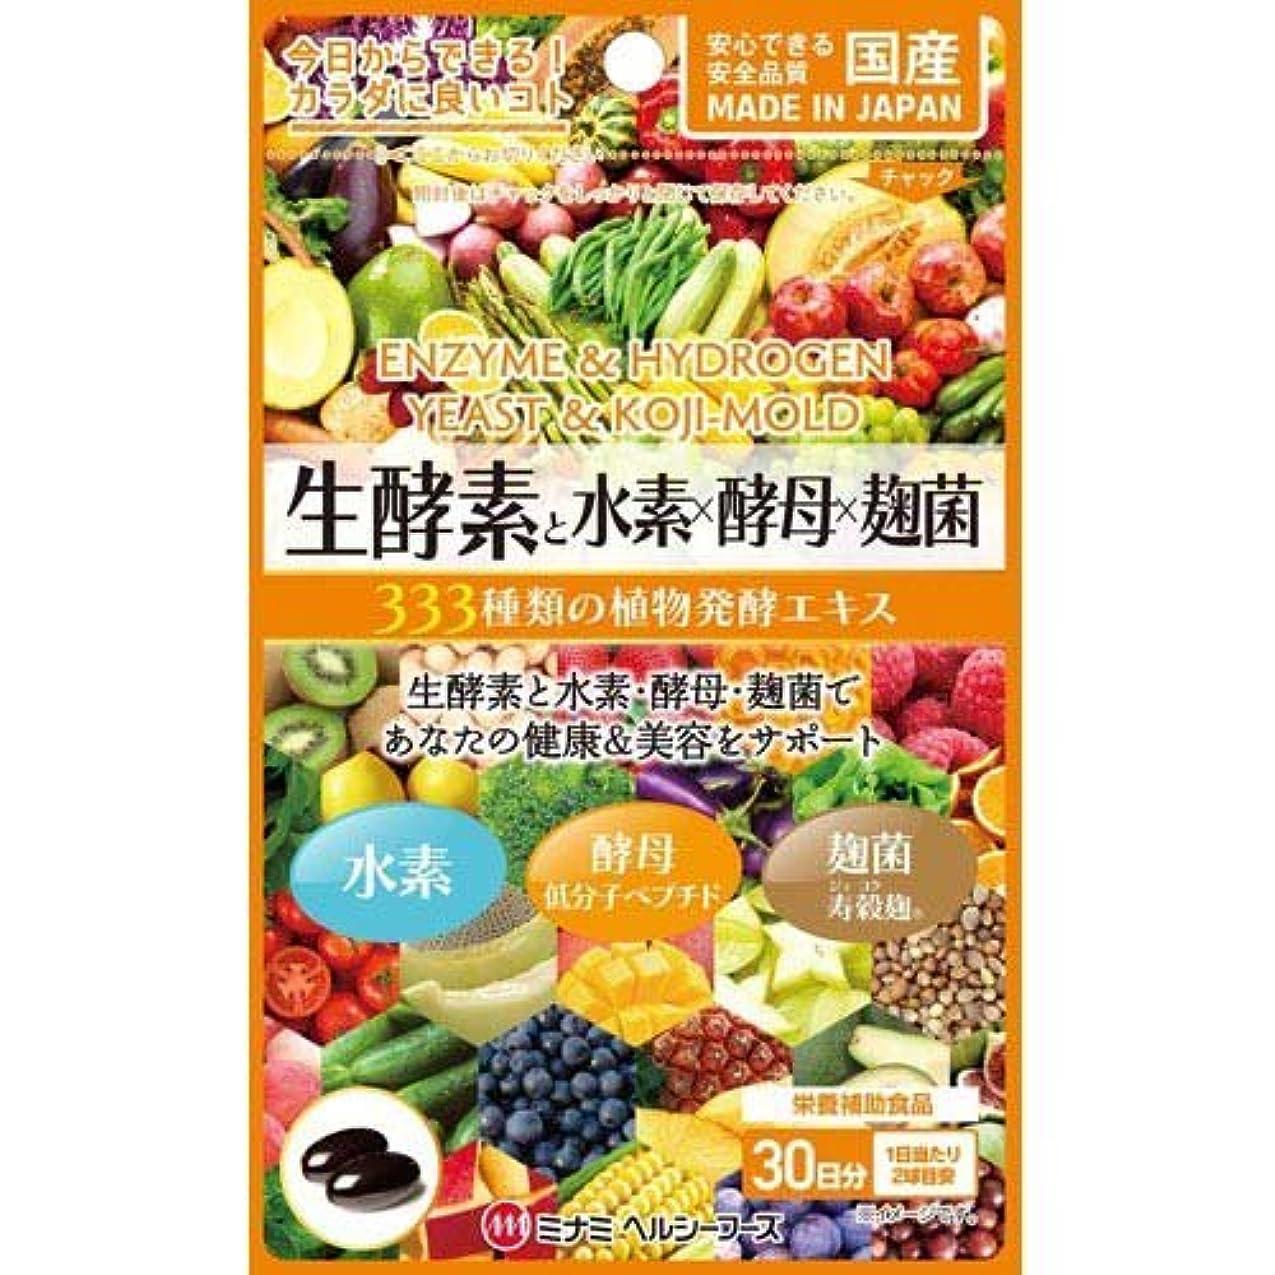 神経思いやりのあるチャットミナミヘルシーフーズ 生酵素と水素×酵母×麹菌 60球